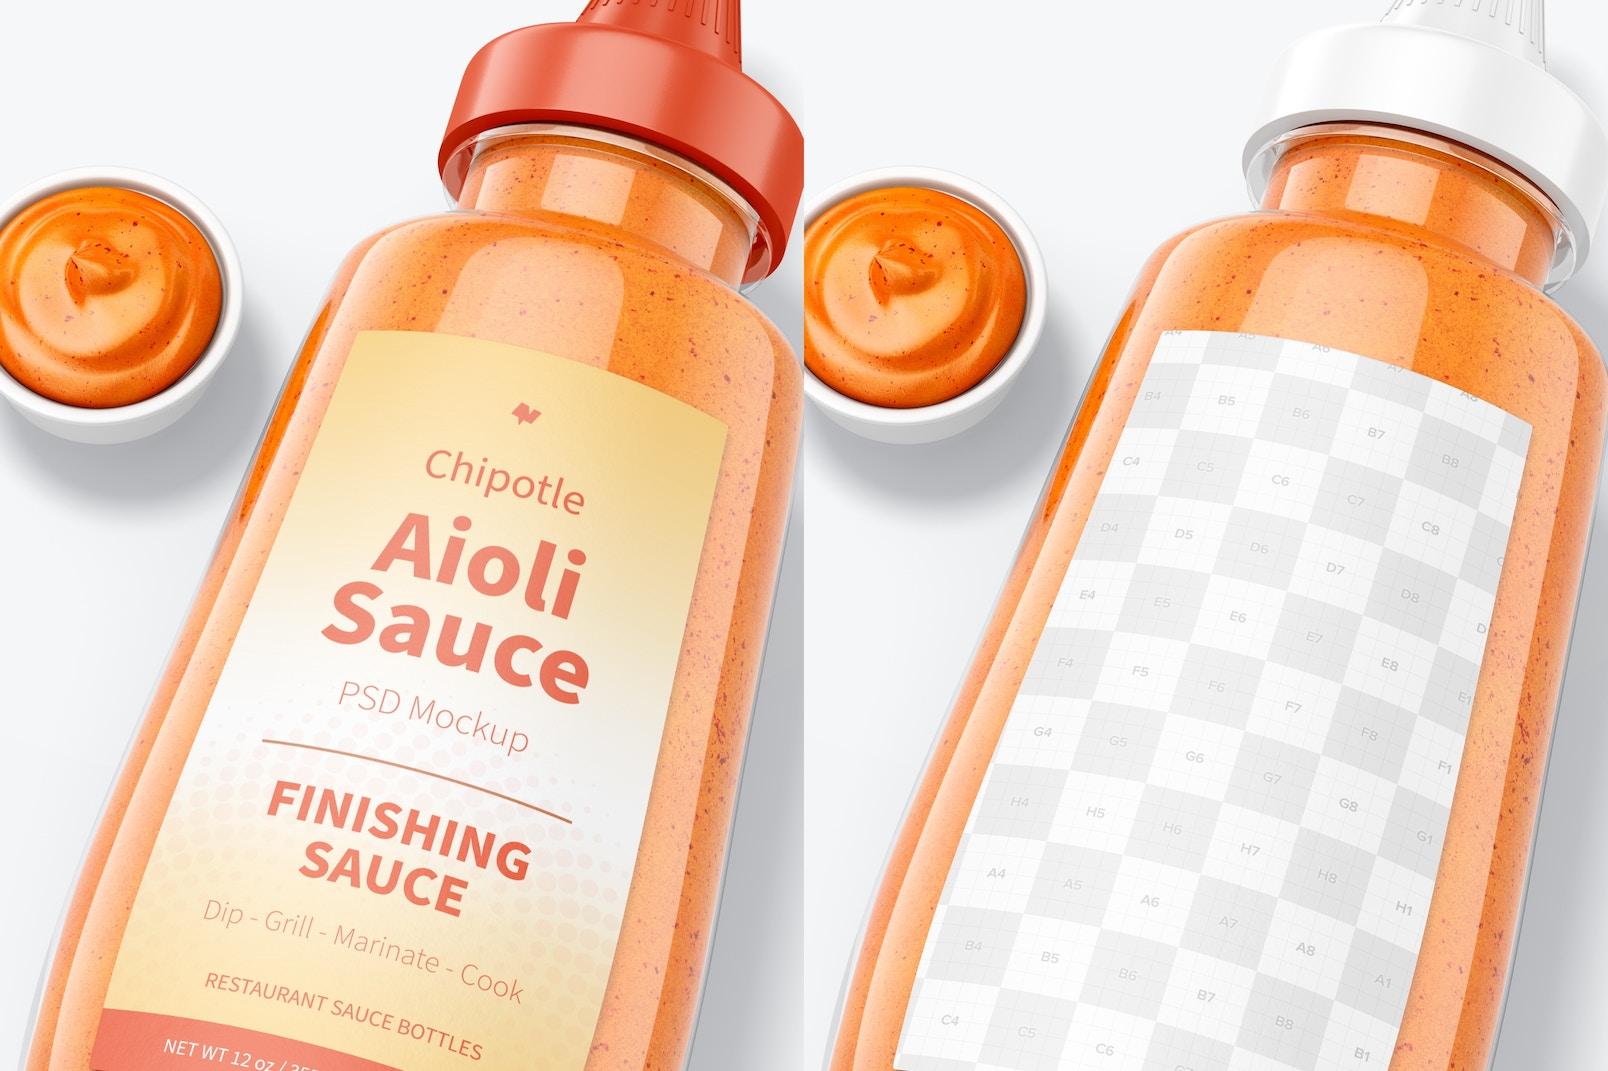 Maqueta de Botella de 12 oz de Salsa Alioli de Chipotle, Primer Plano